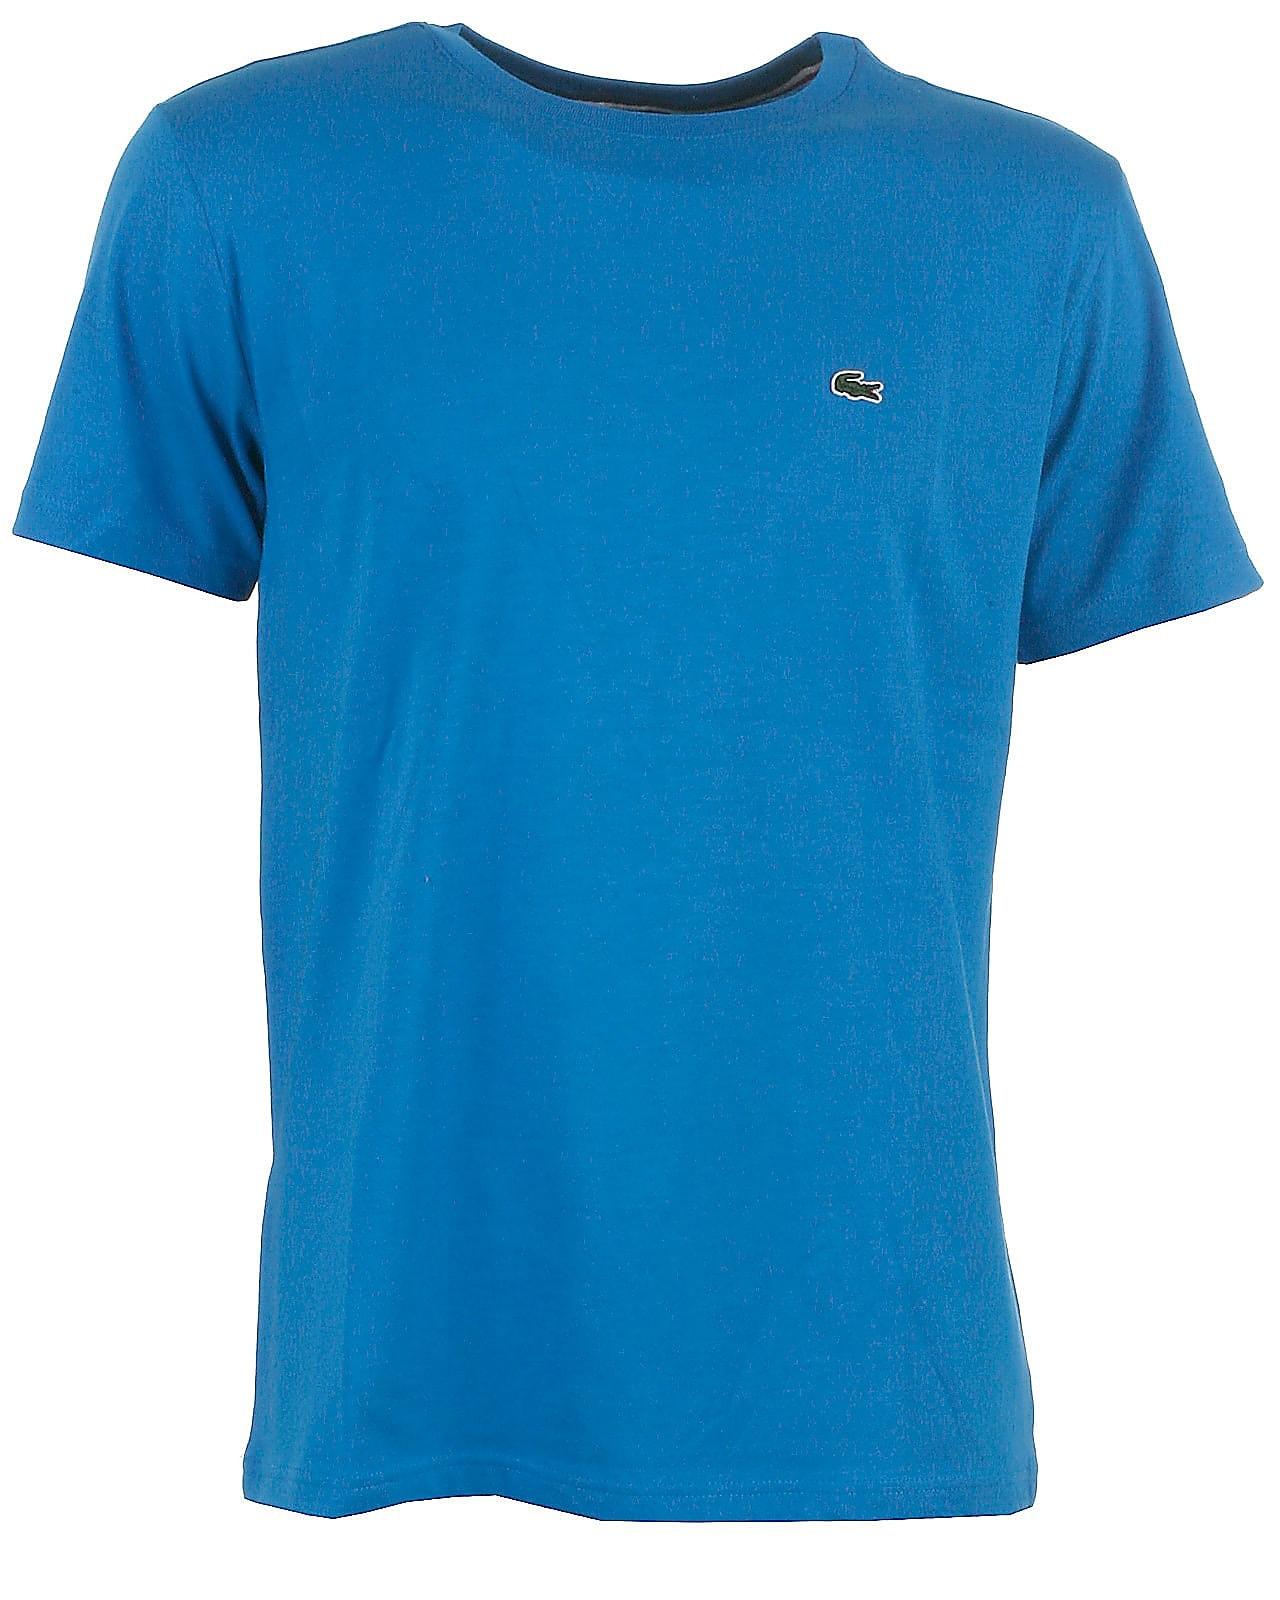 Lacoste t-shirt s/s, blue